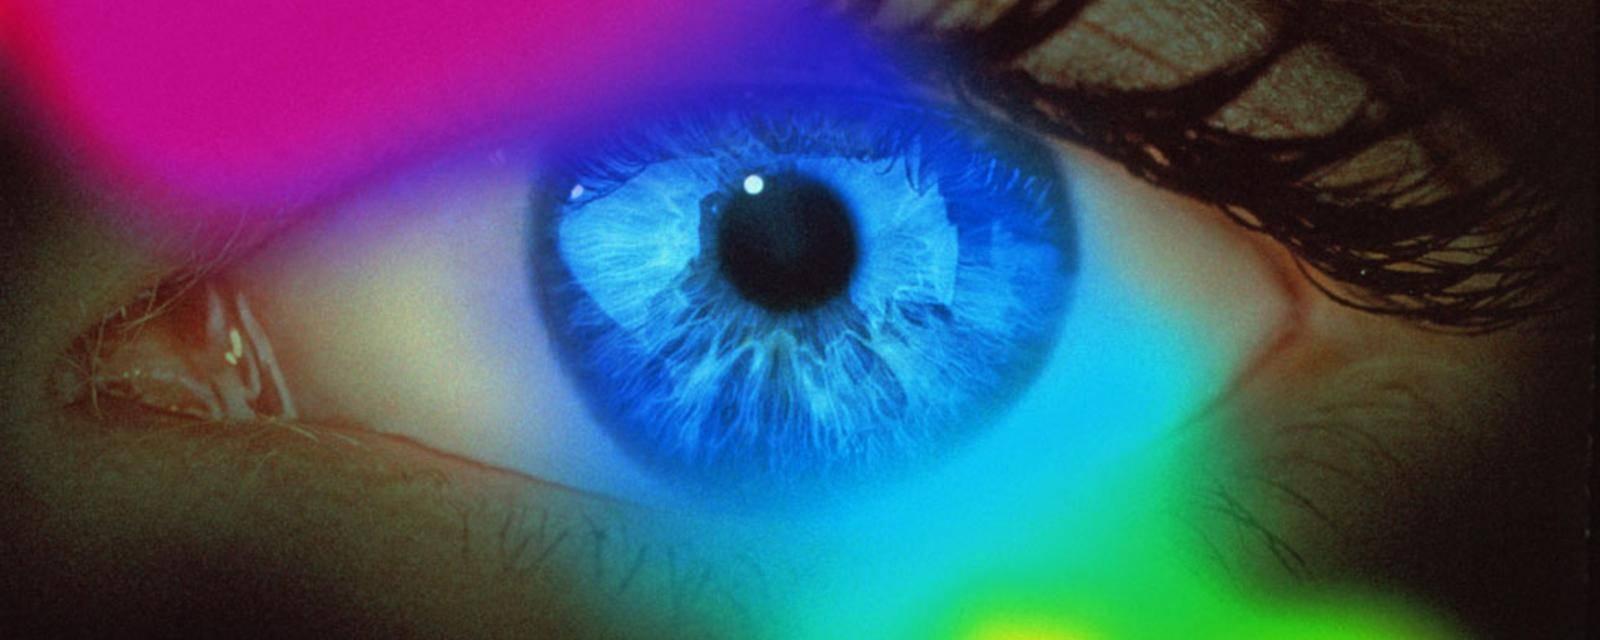 Почему наши глаза видят больше оттенков зелёного, чем других цветов